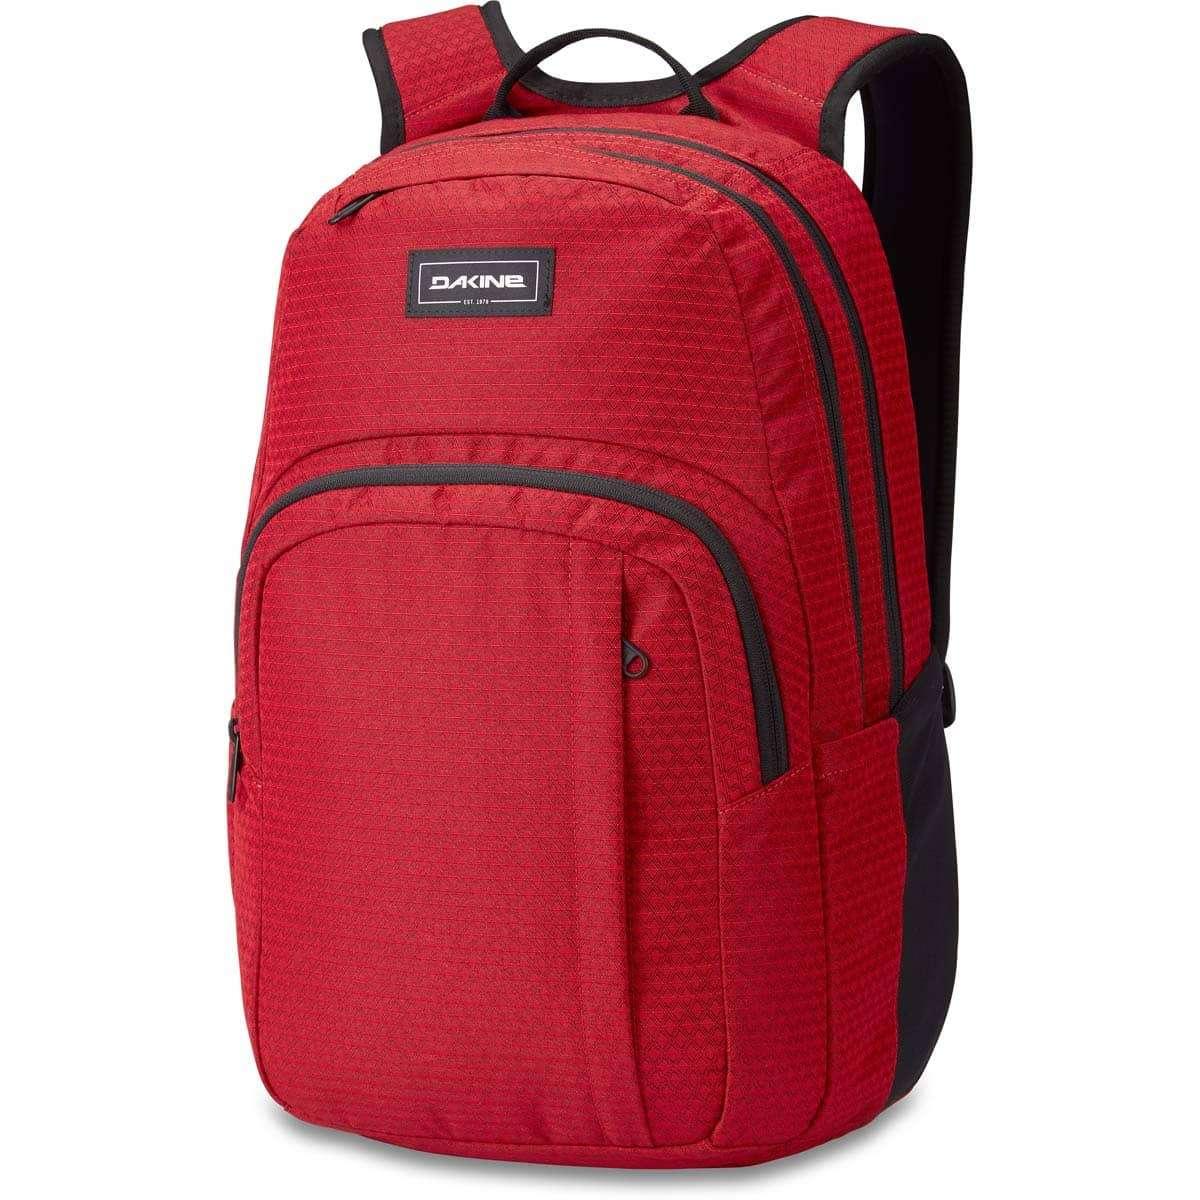 c3ff5a8c5 Dakine Campus M 25L Rucksack mit Laptopfach Crimson Red   Dakine Shop